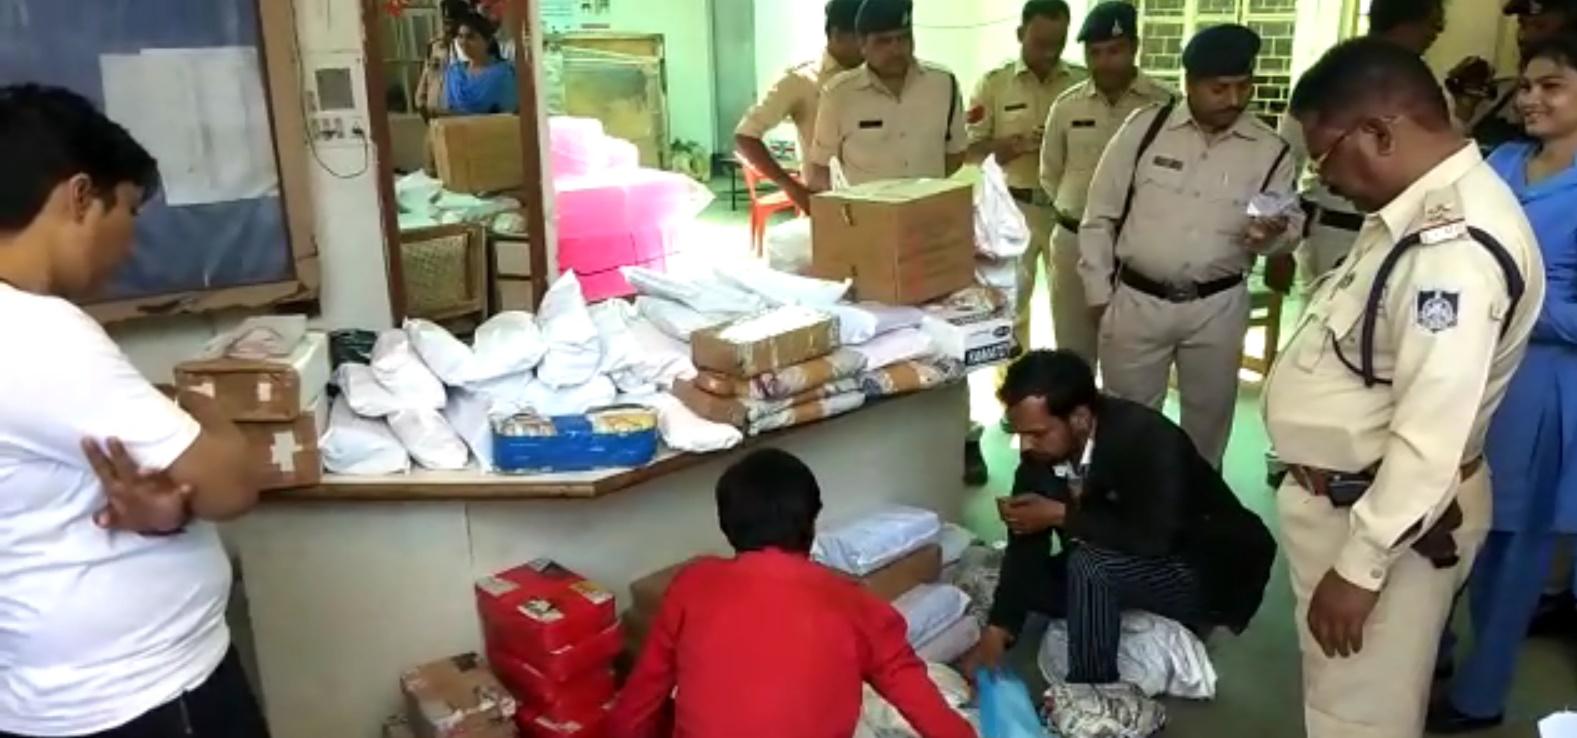 Jhabua News- Police Jhabua- एसयूव्ही कार में 80 लाख रूपये की चांदी लेकर जा रहे 3 युवक पकड़े